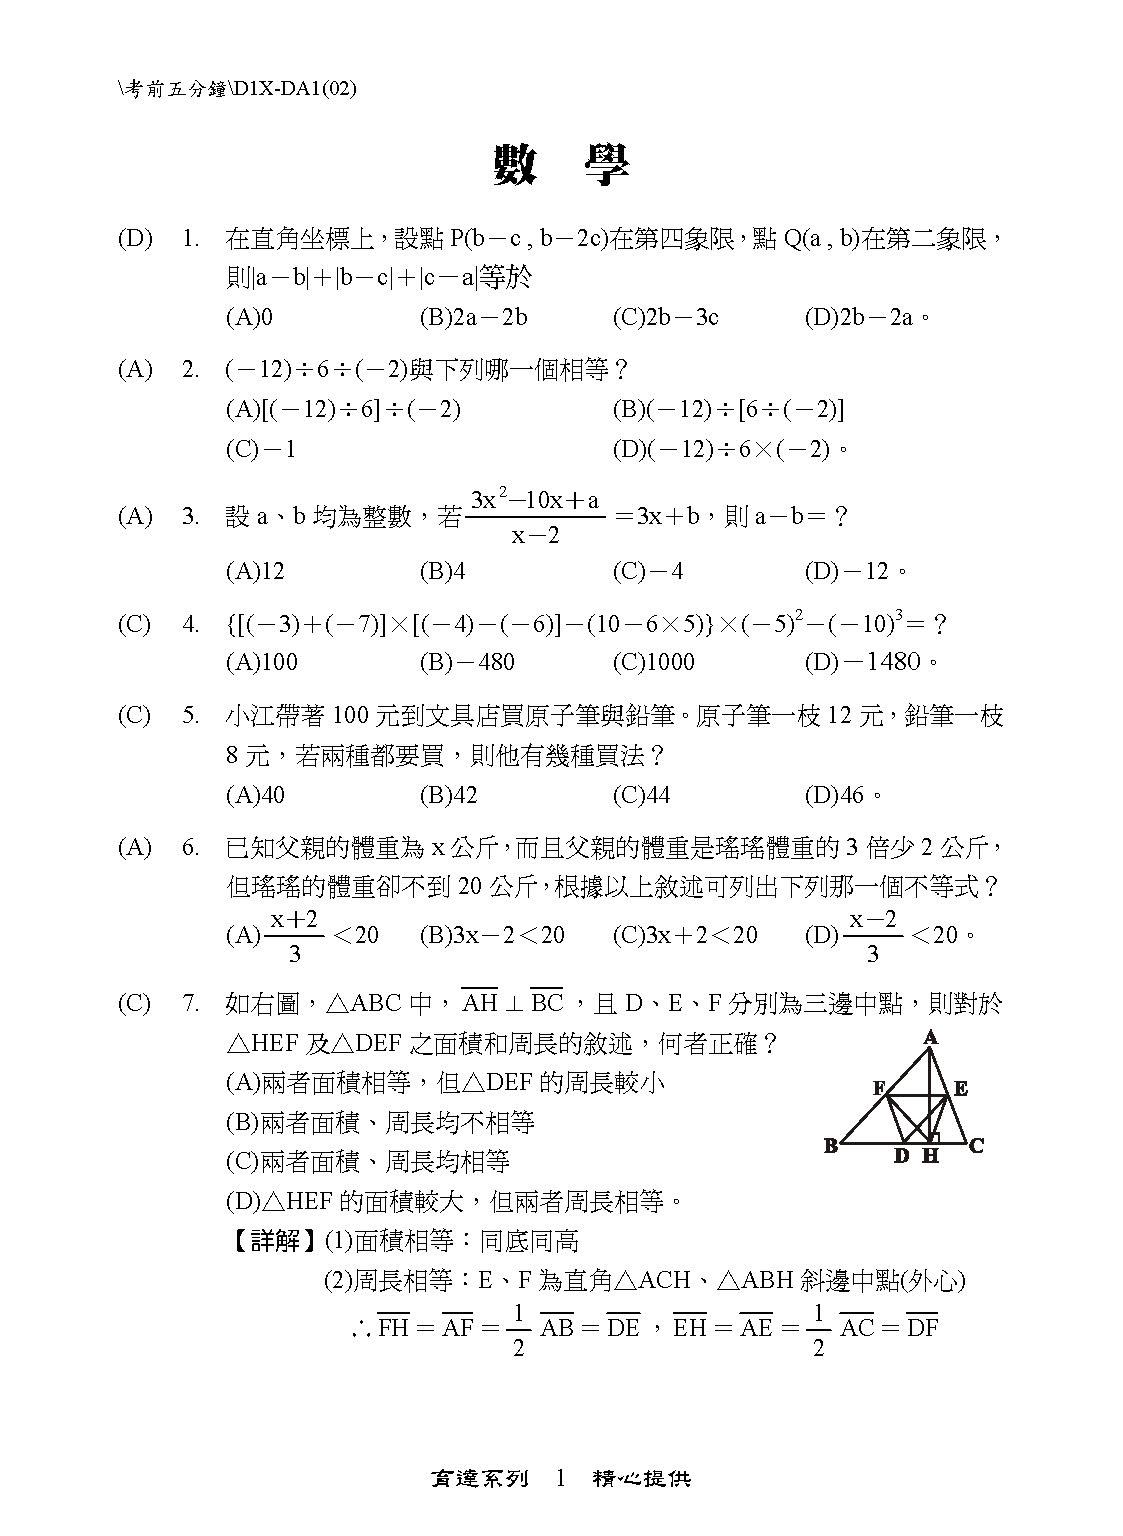 國中-考前五分鐘(數學)_頁面_1.jpg